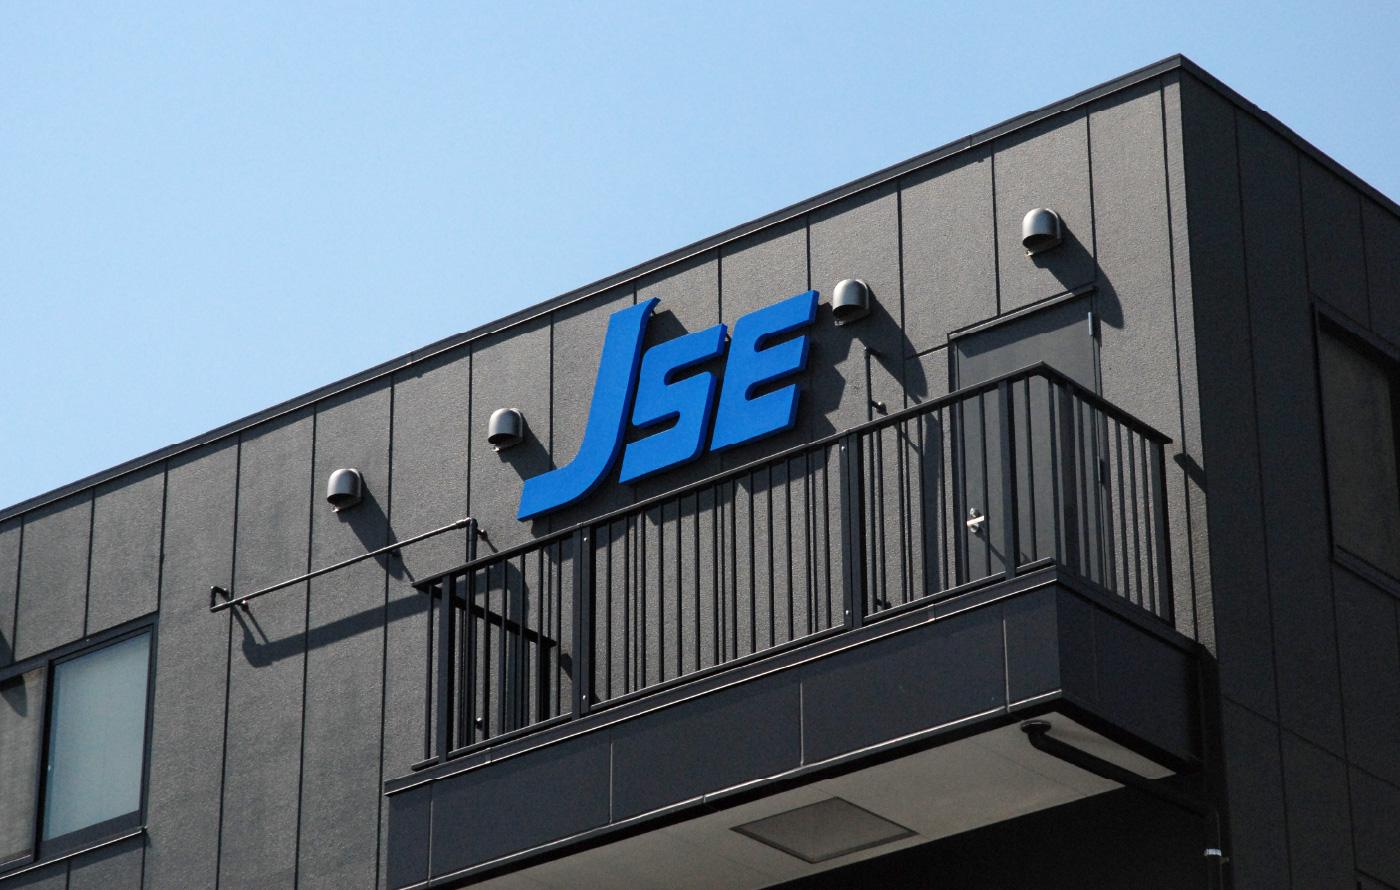 JSE 日本シールドエンクロージャー株式会社